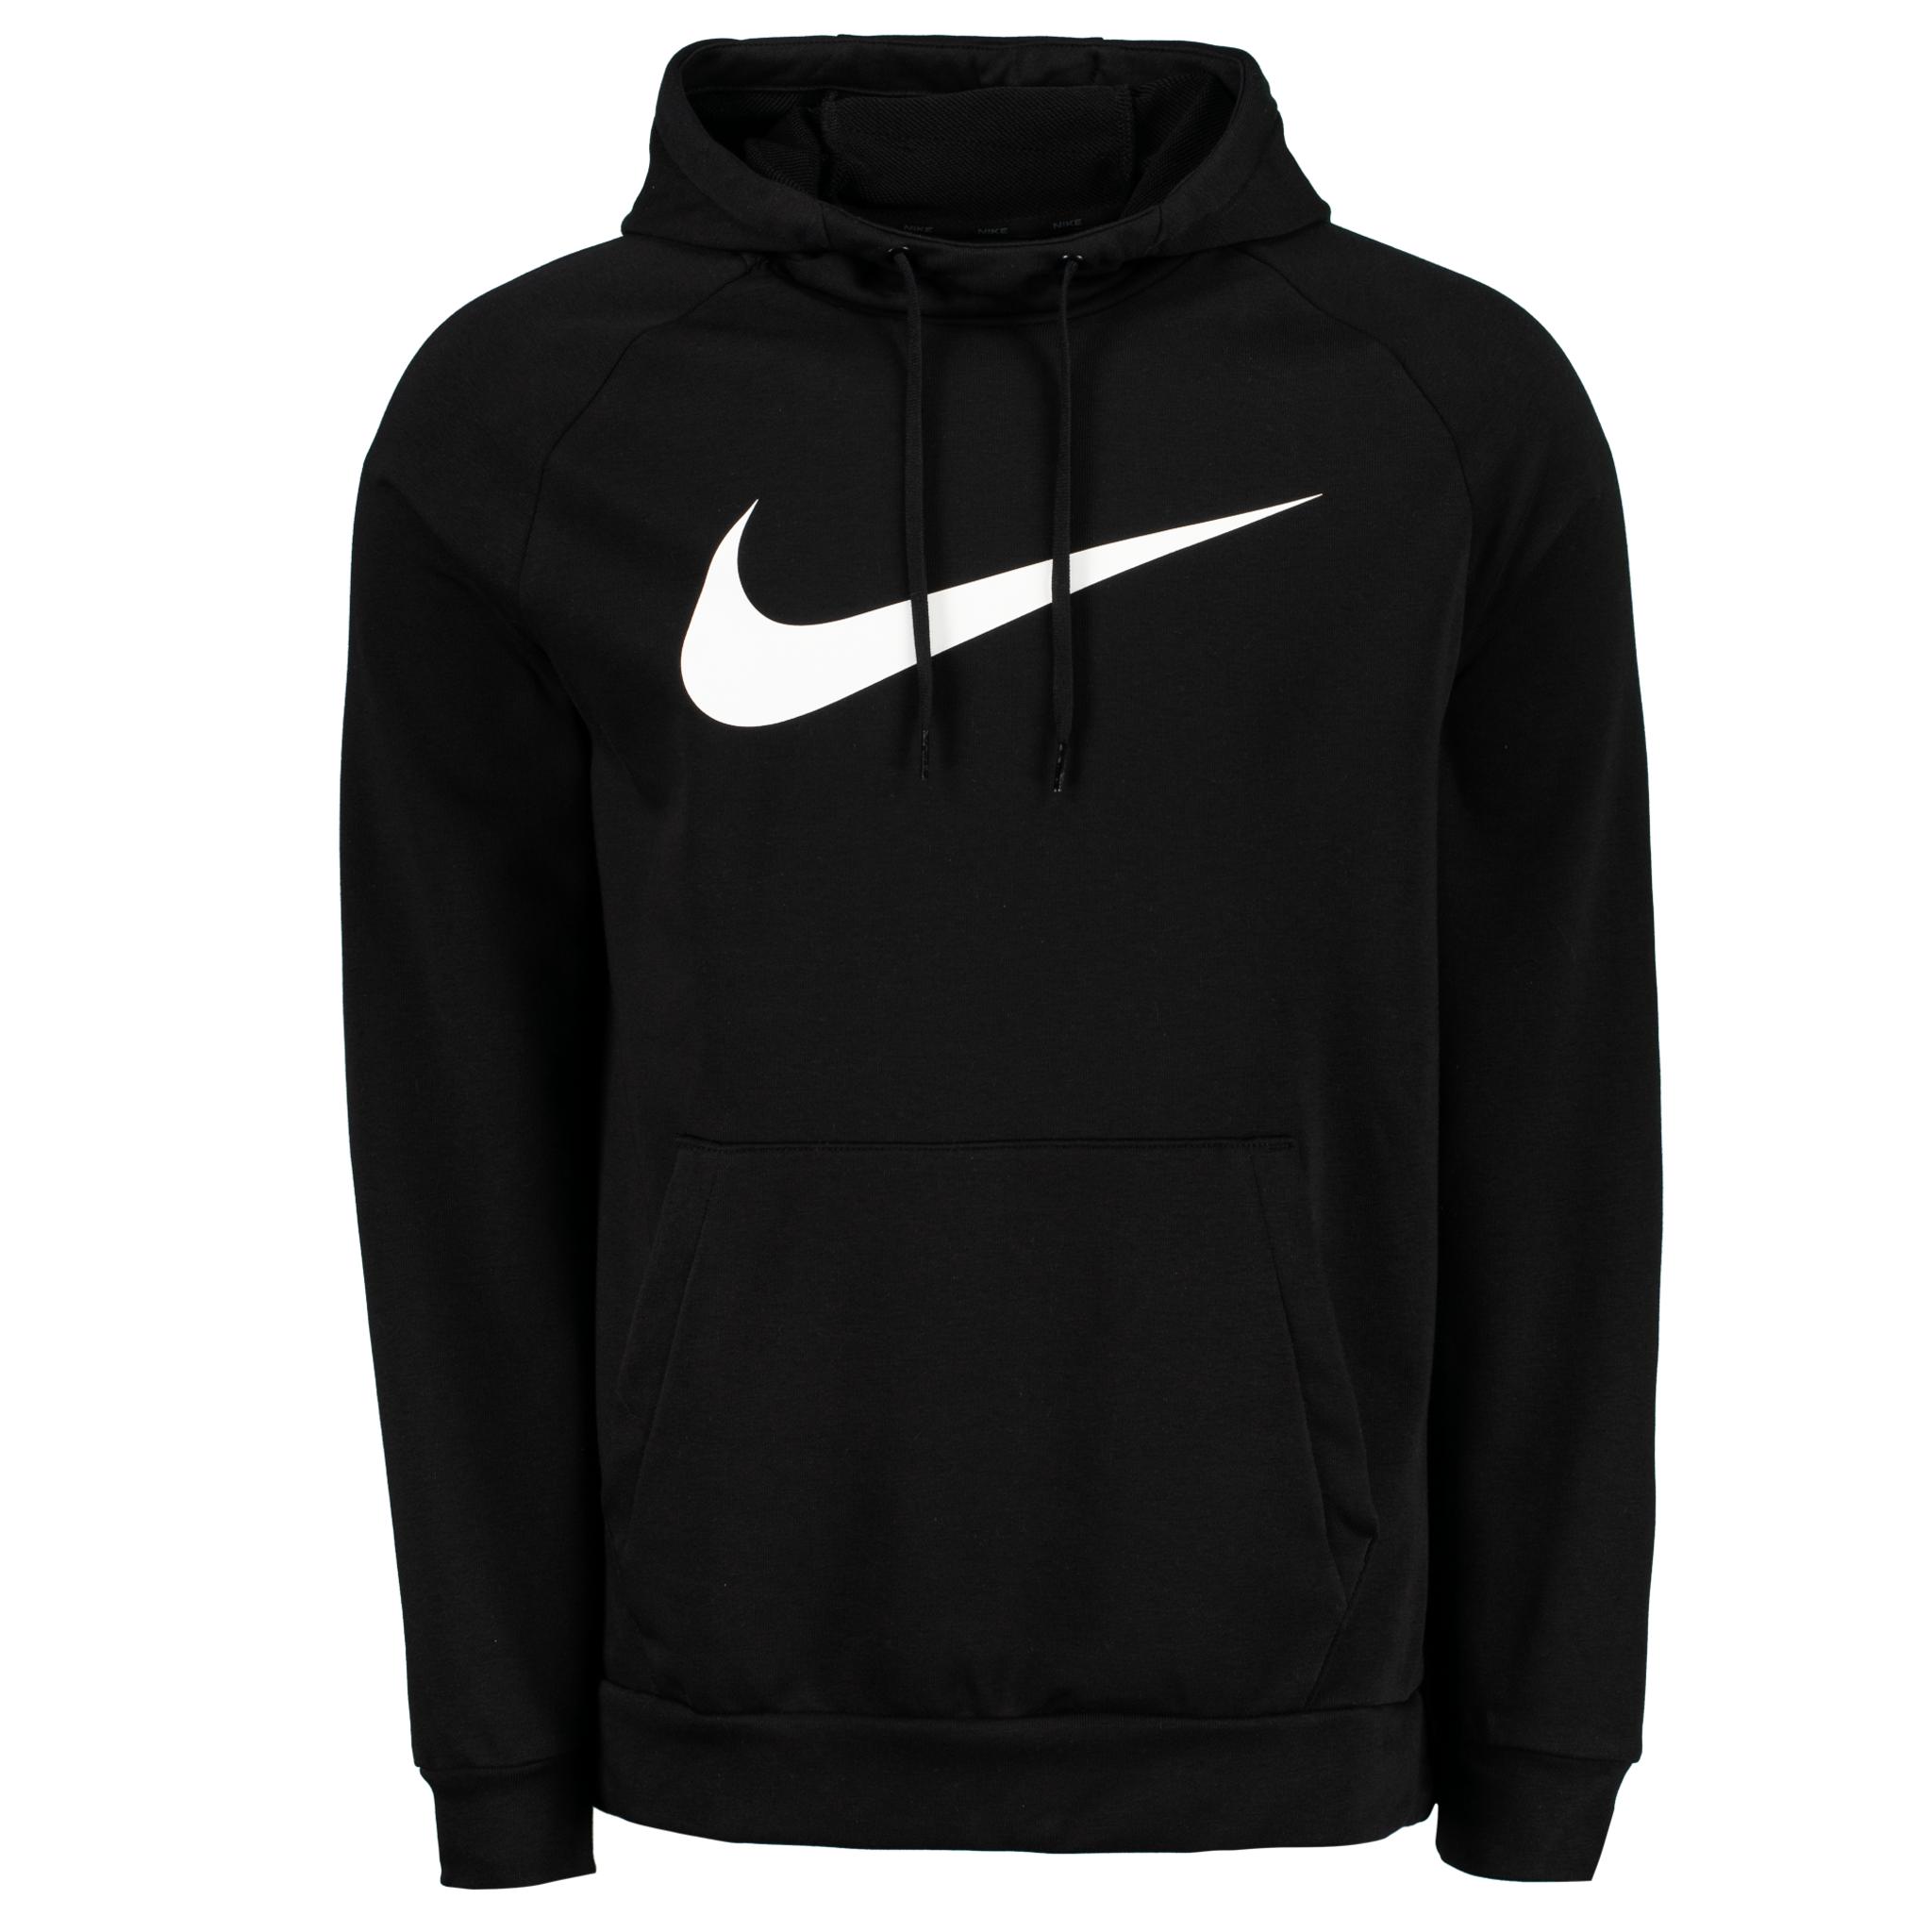 Nike Dri-FIT Pullover Hoodie, hettegenser herre M BLACK/WHITE